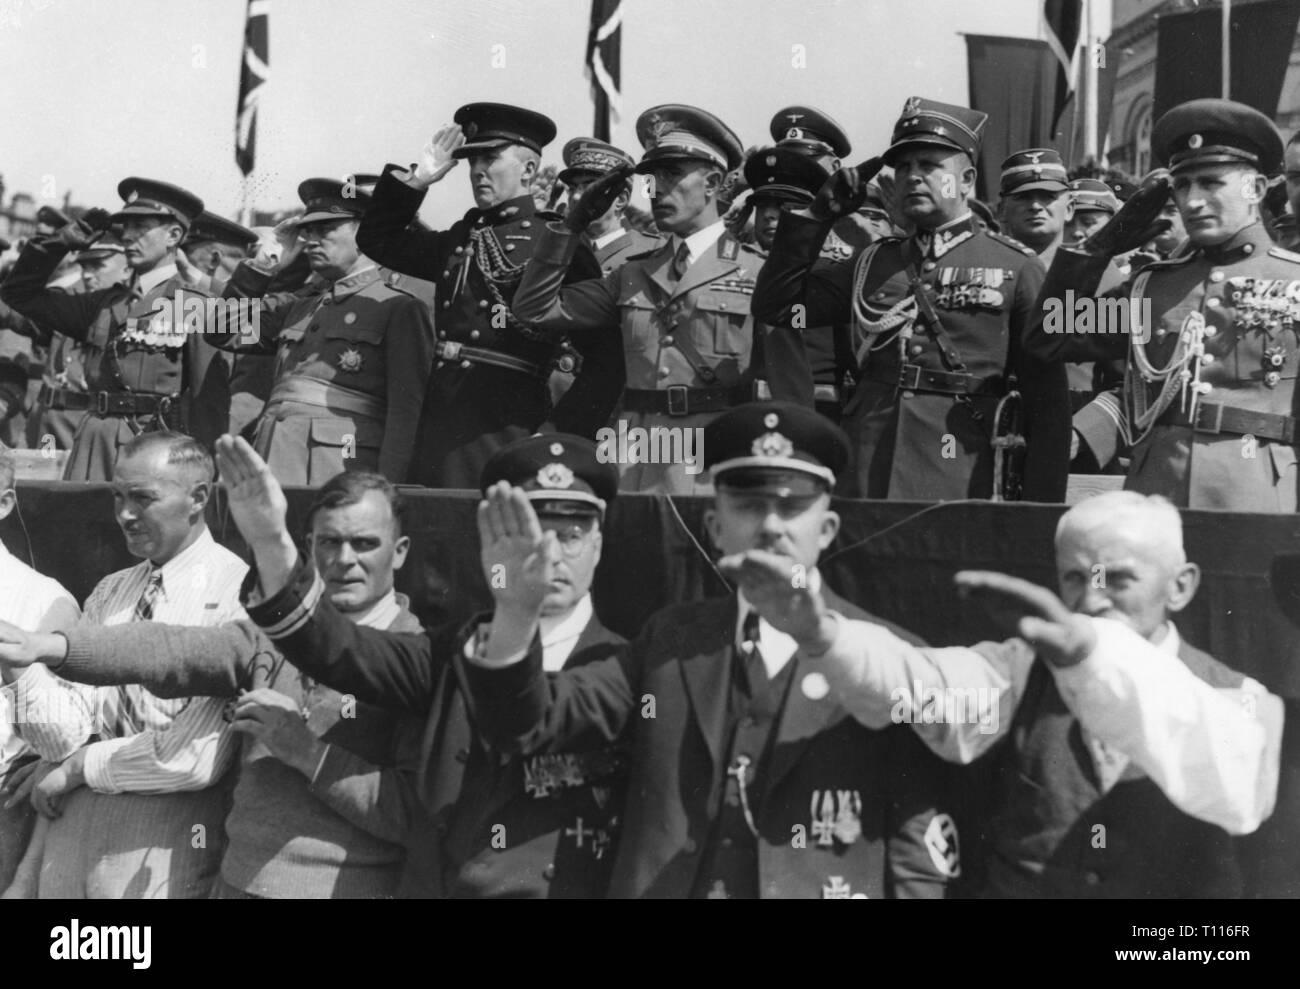 Il nazismo / socialismo nazionale, eventi, Reich Warrior's Day a Kassel, stand con ufficiali stranieri, più tardi 1930s, Additional-Rights-Clearance-Info-Not-Available Immagini Stock